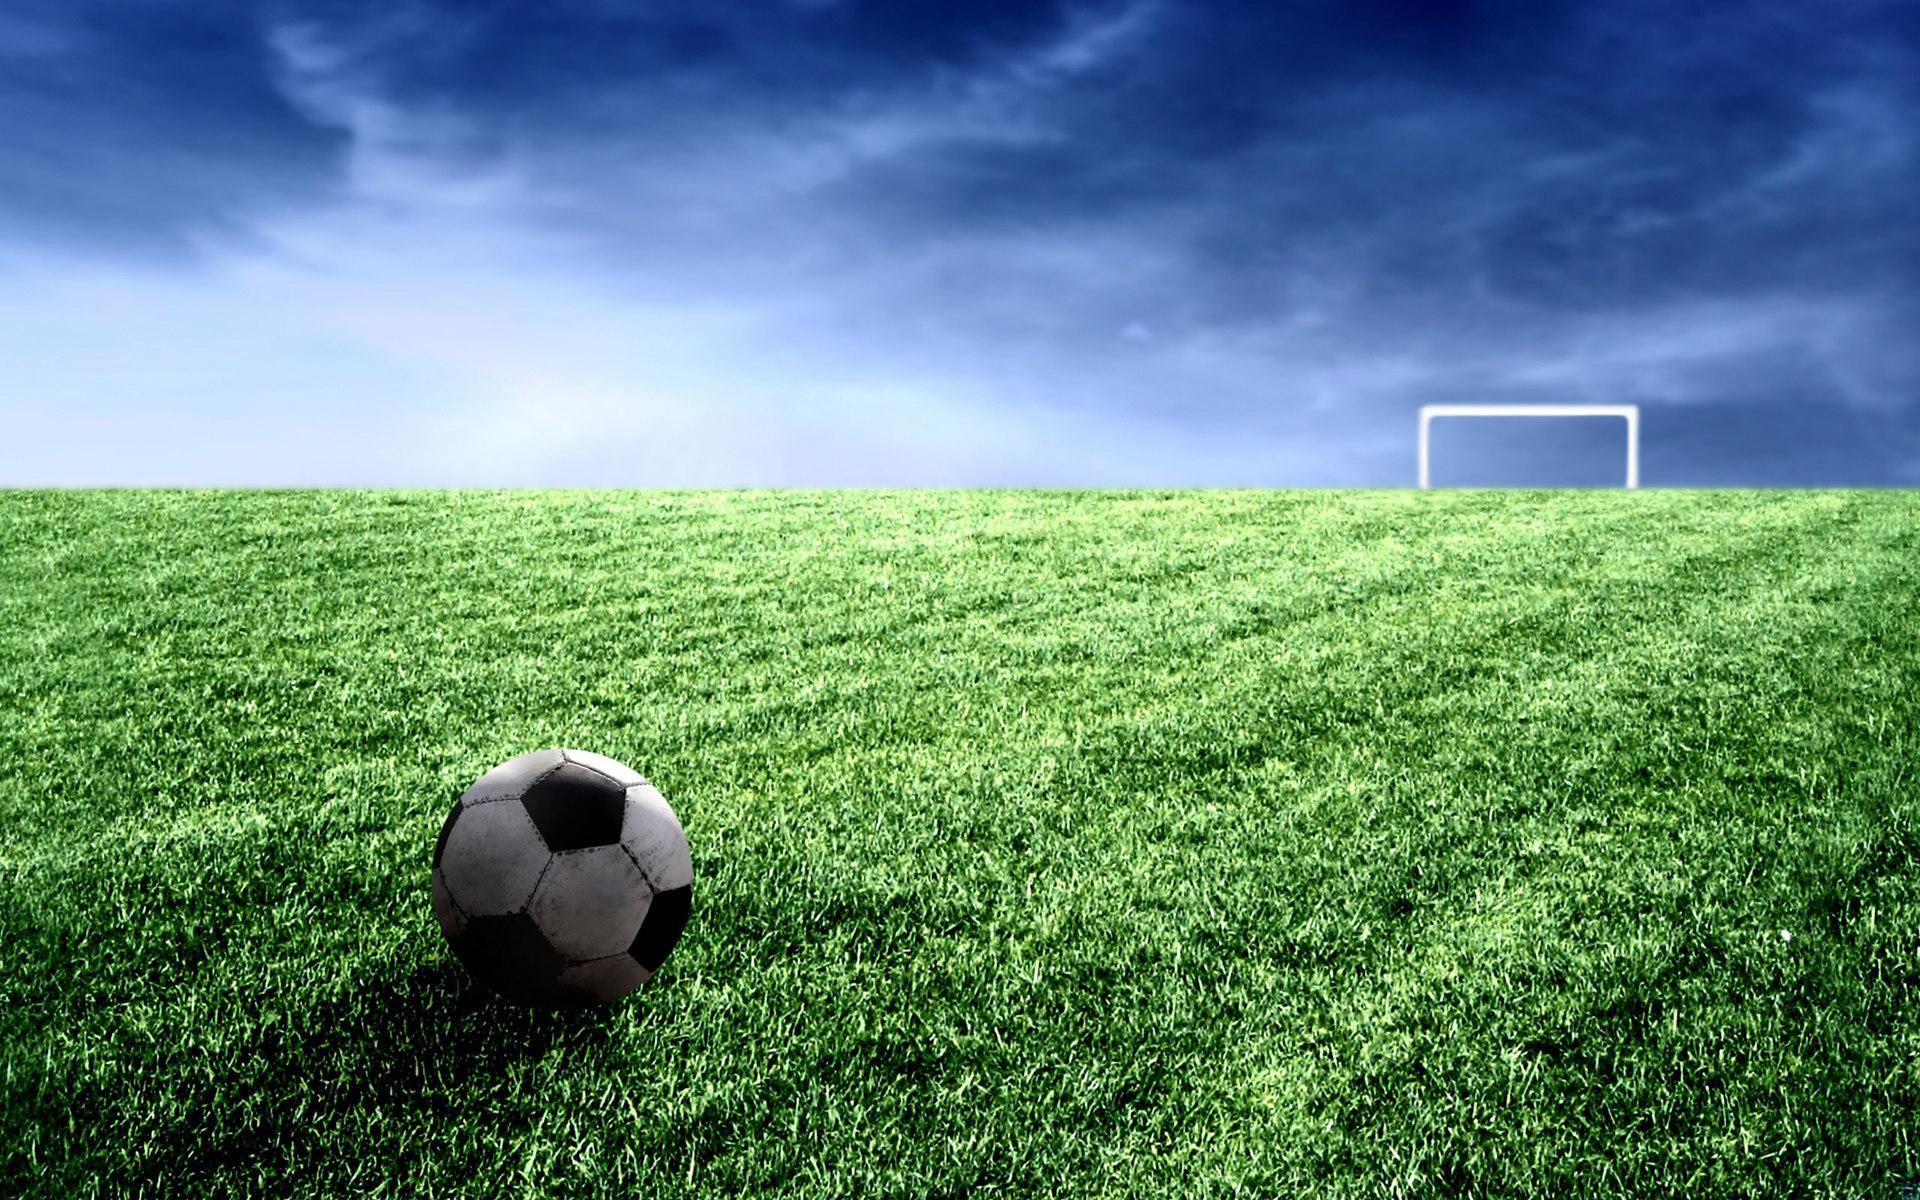 мяч на траве, фото, обои для рабочего стола